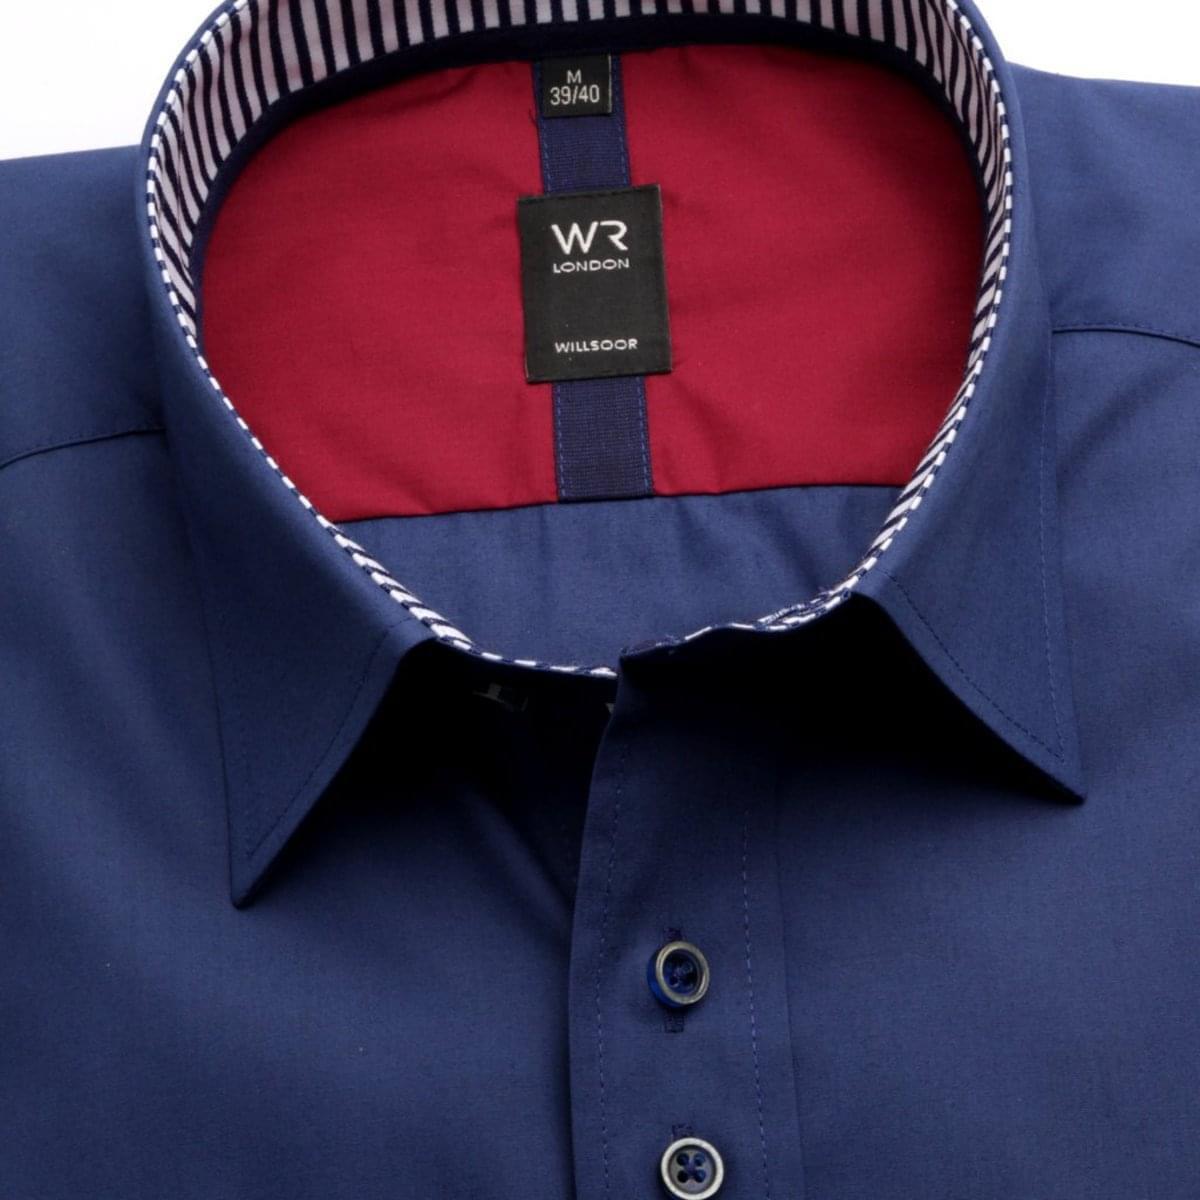 Pánská slim fit košile London (výška 176-182) 6029 v modré barvě s úpravou Easy Care